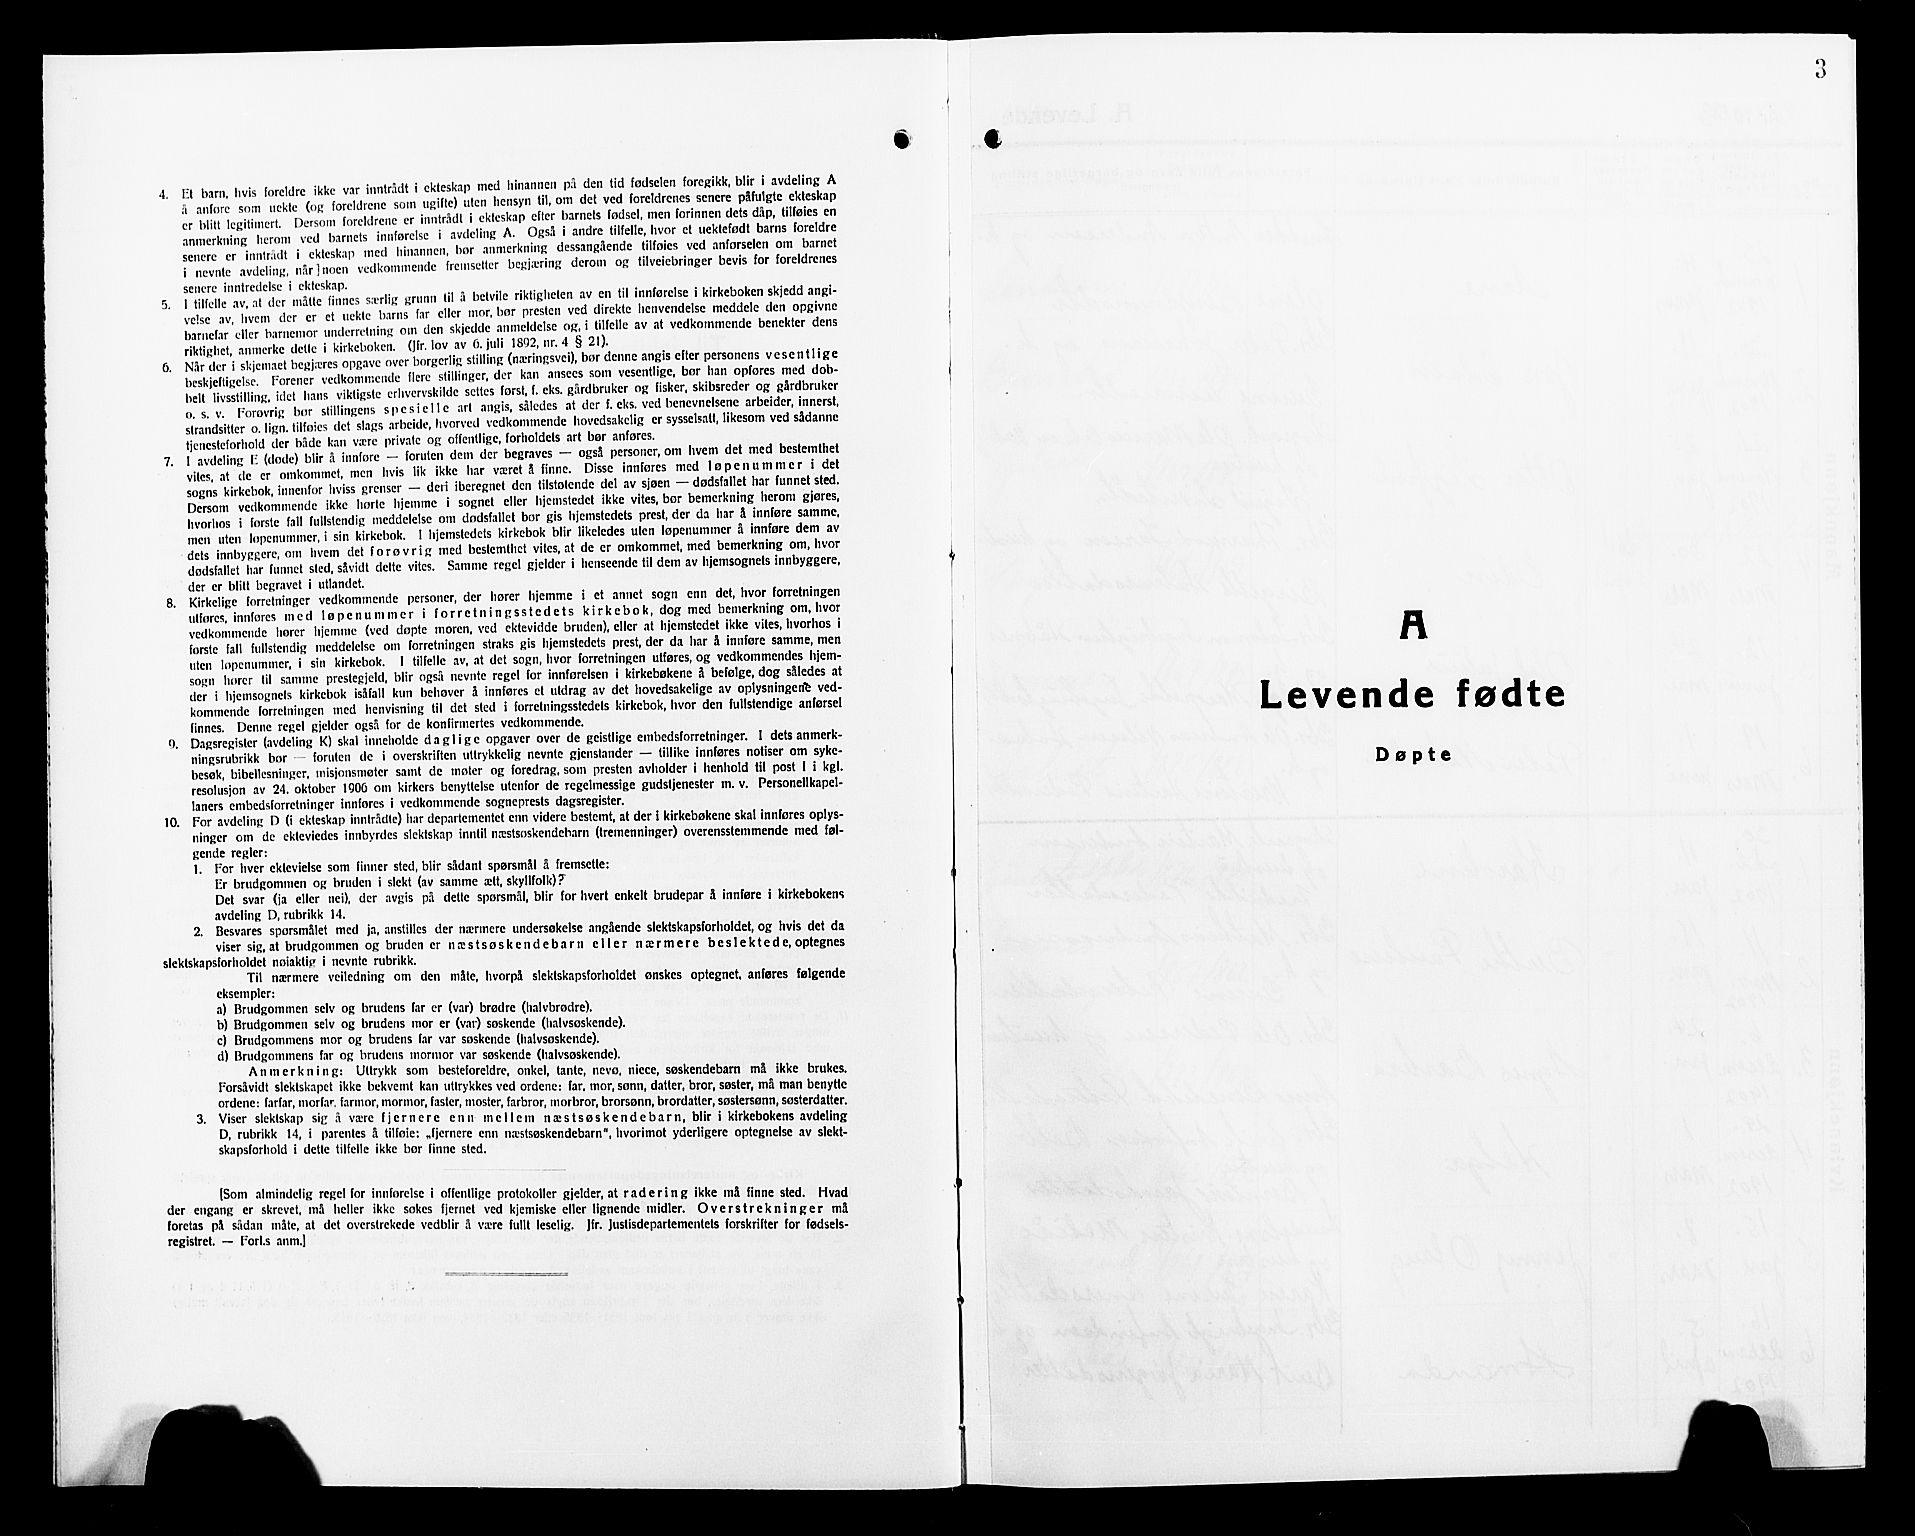 SAT, Ministerialprotokoller, klokkerbøker og fødselsregistre - Nord-Trøndelag, 749/L0488: Ministerialbok nr. 749D04, 1903-1915, s. 3